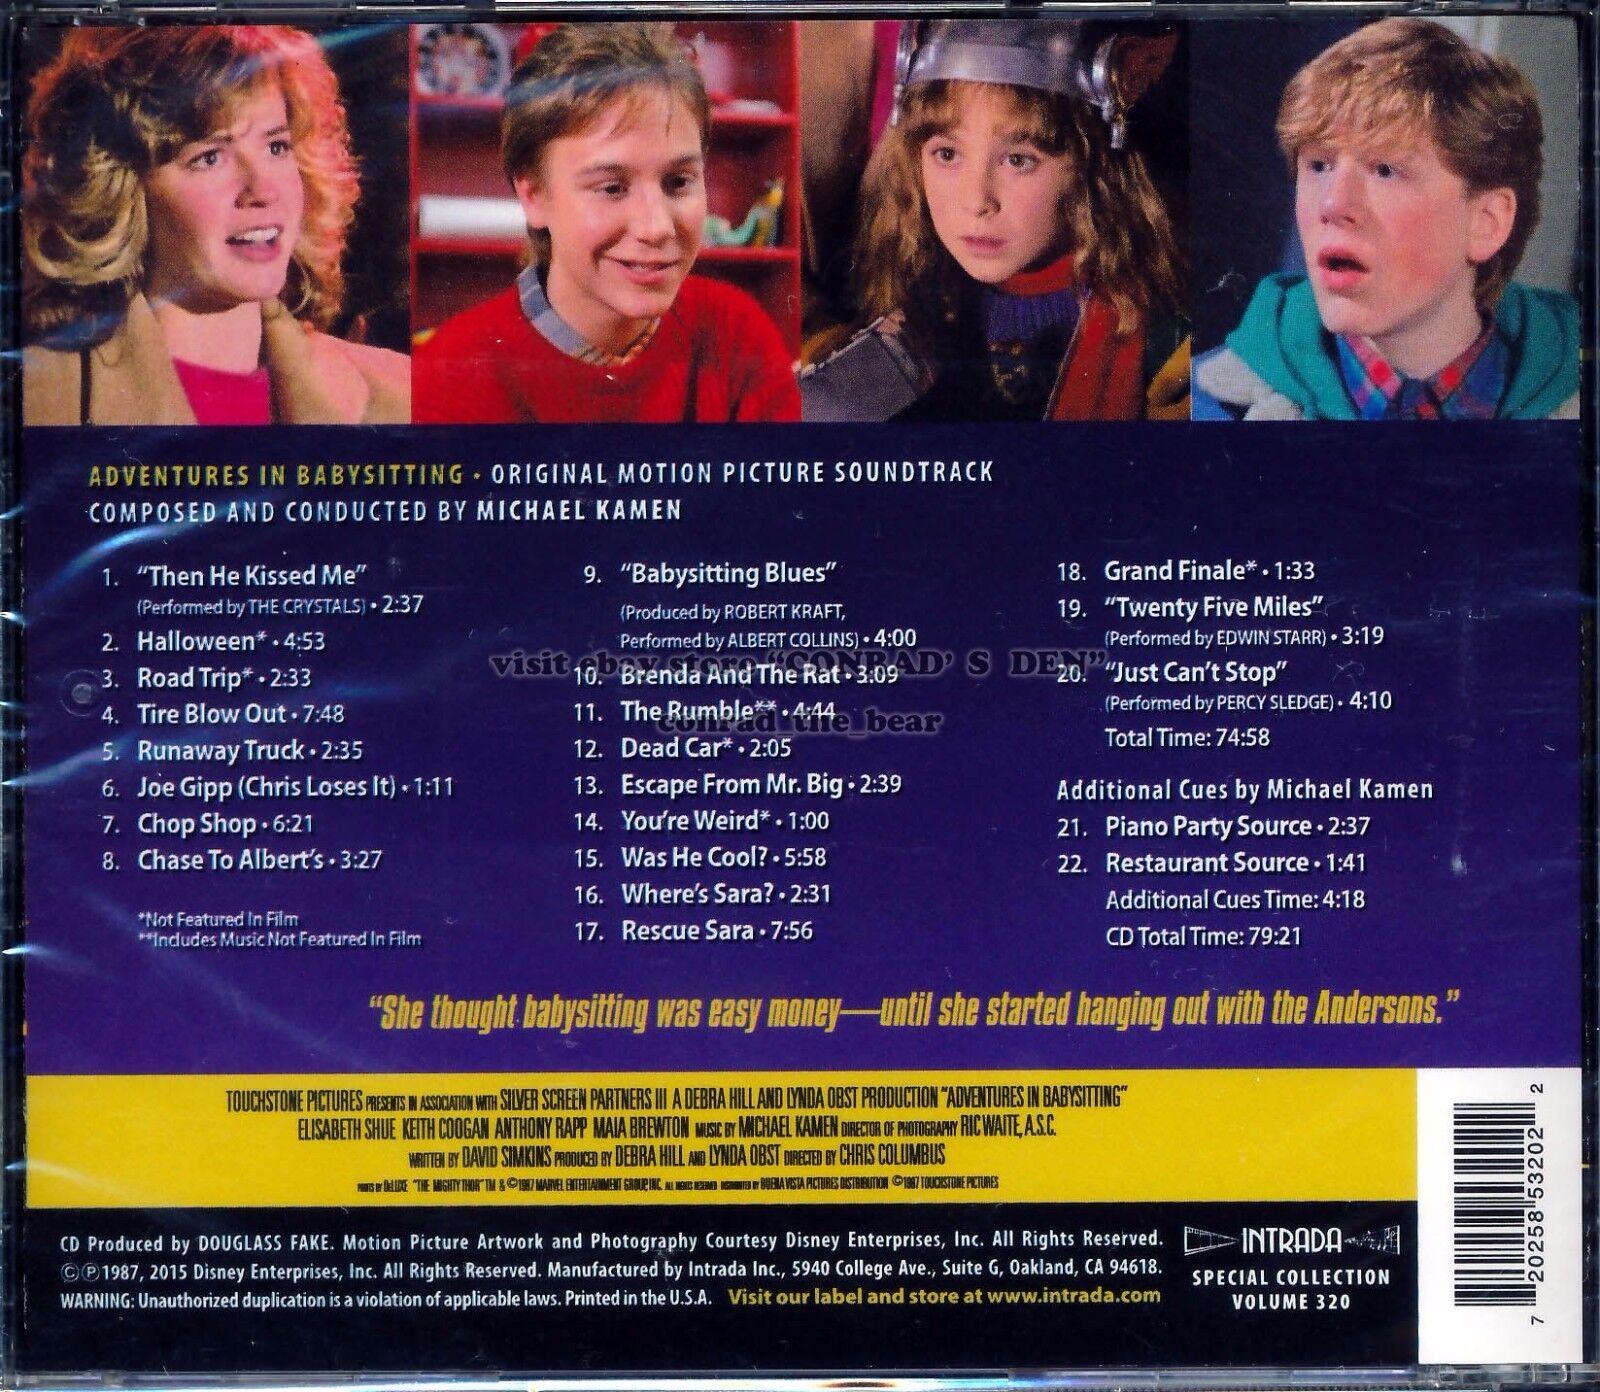 Michael Kamen Adventures in Babysitting Soundtrack OOP Disney Intrada CD